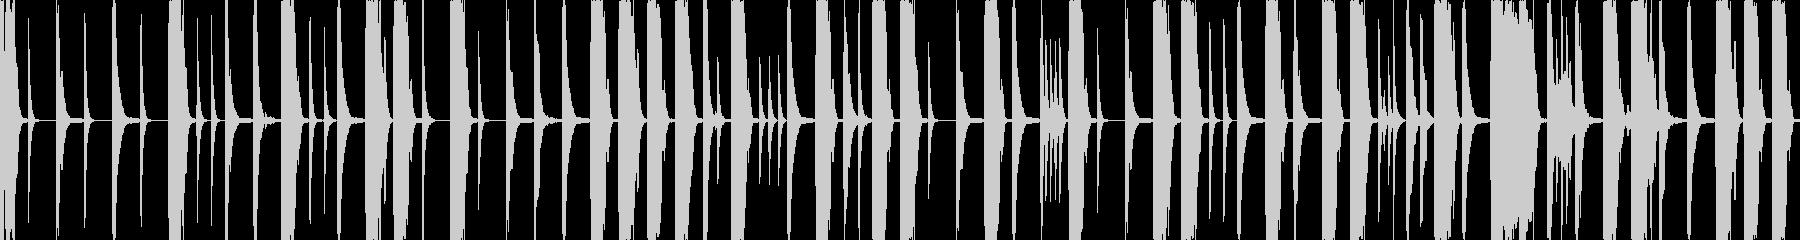 8小節のドラムループの未再生の波形